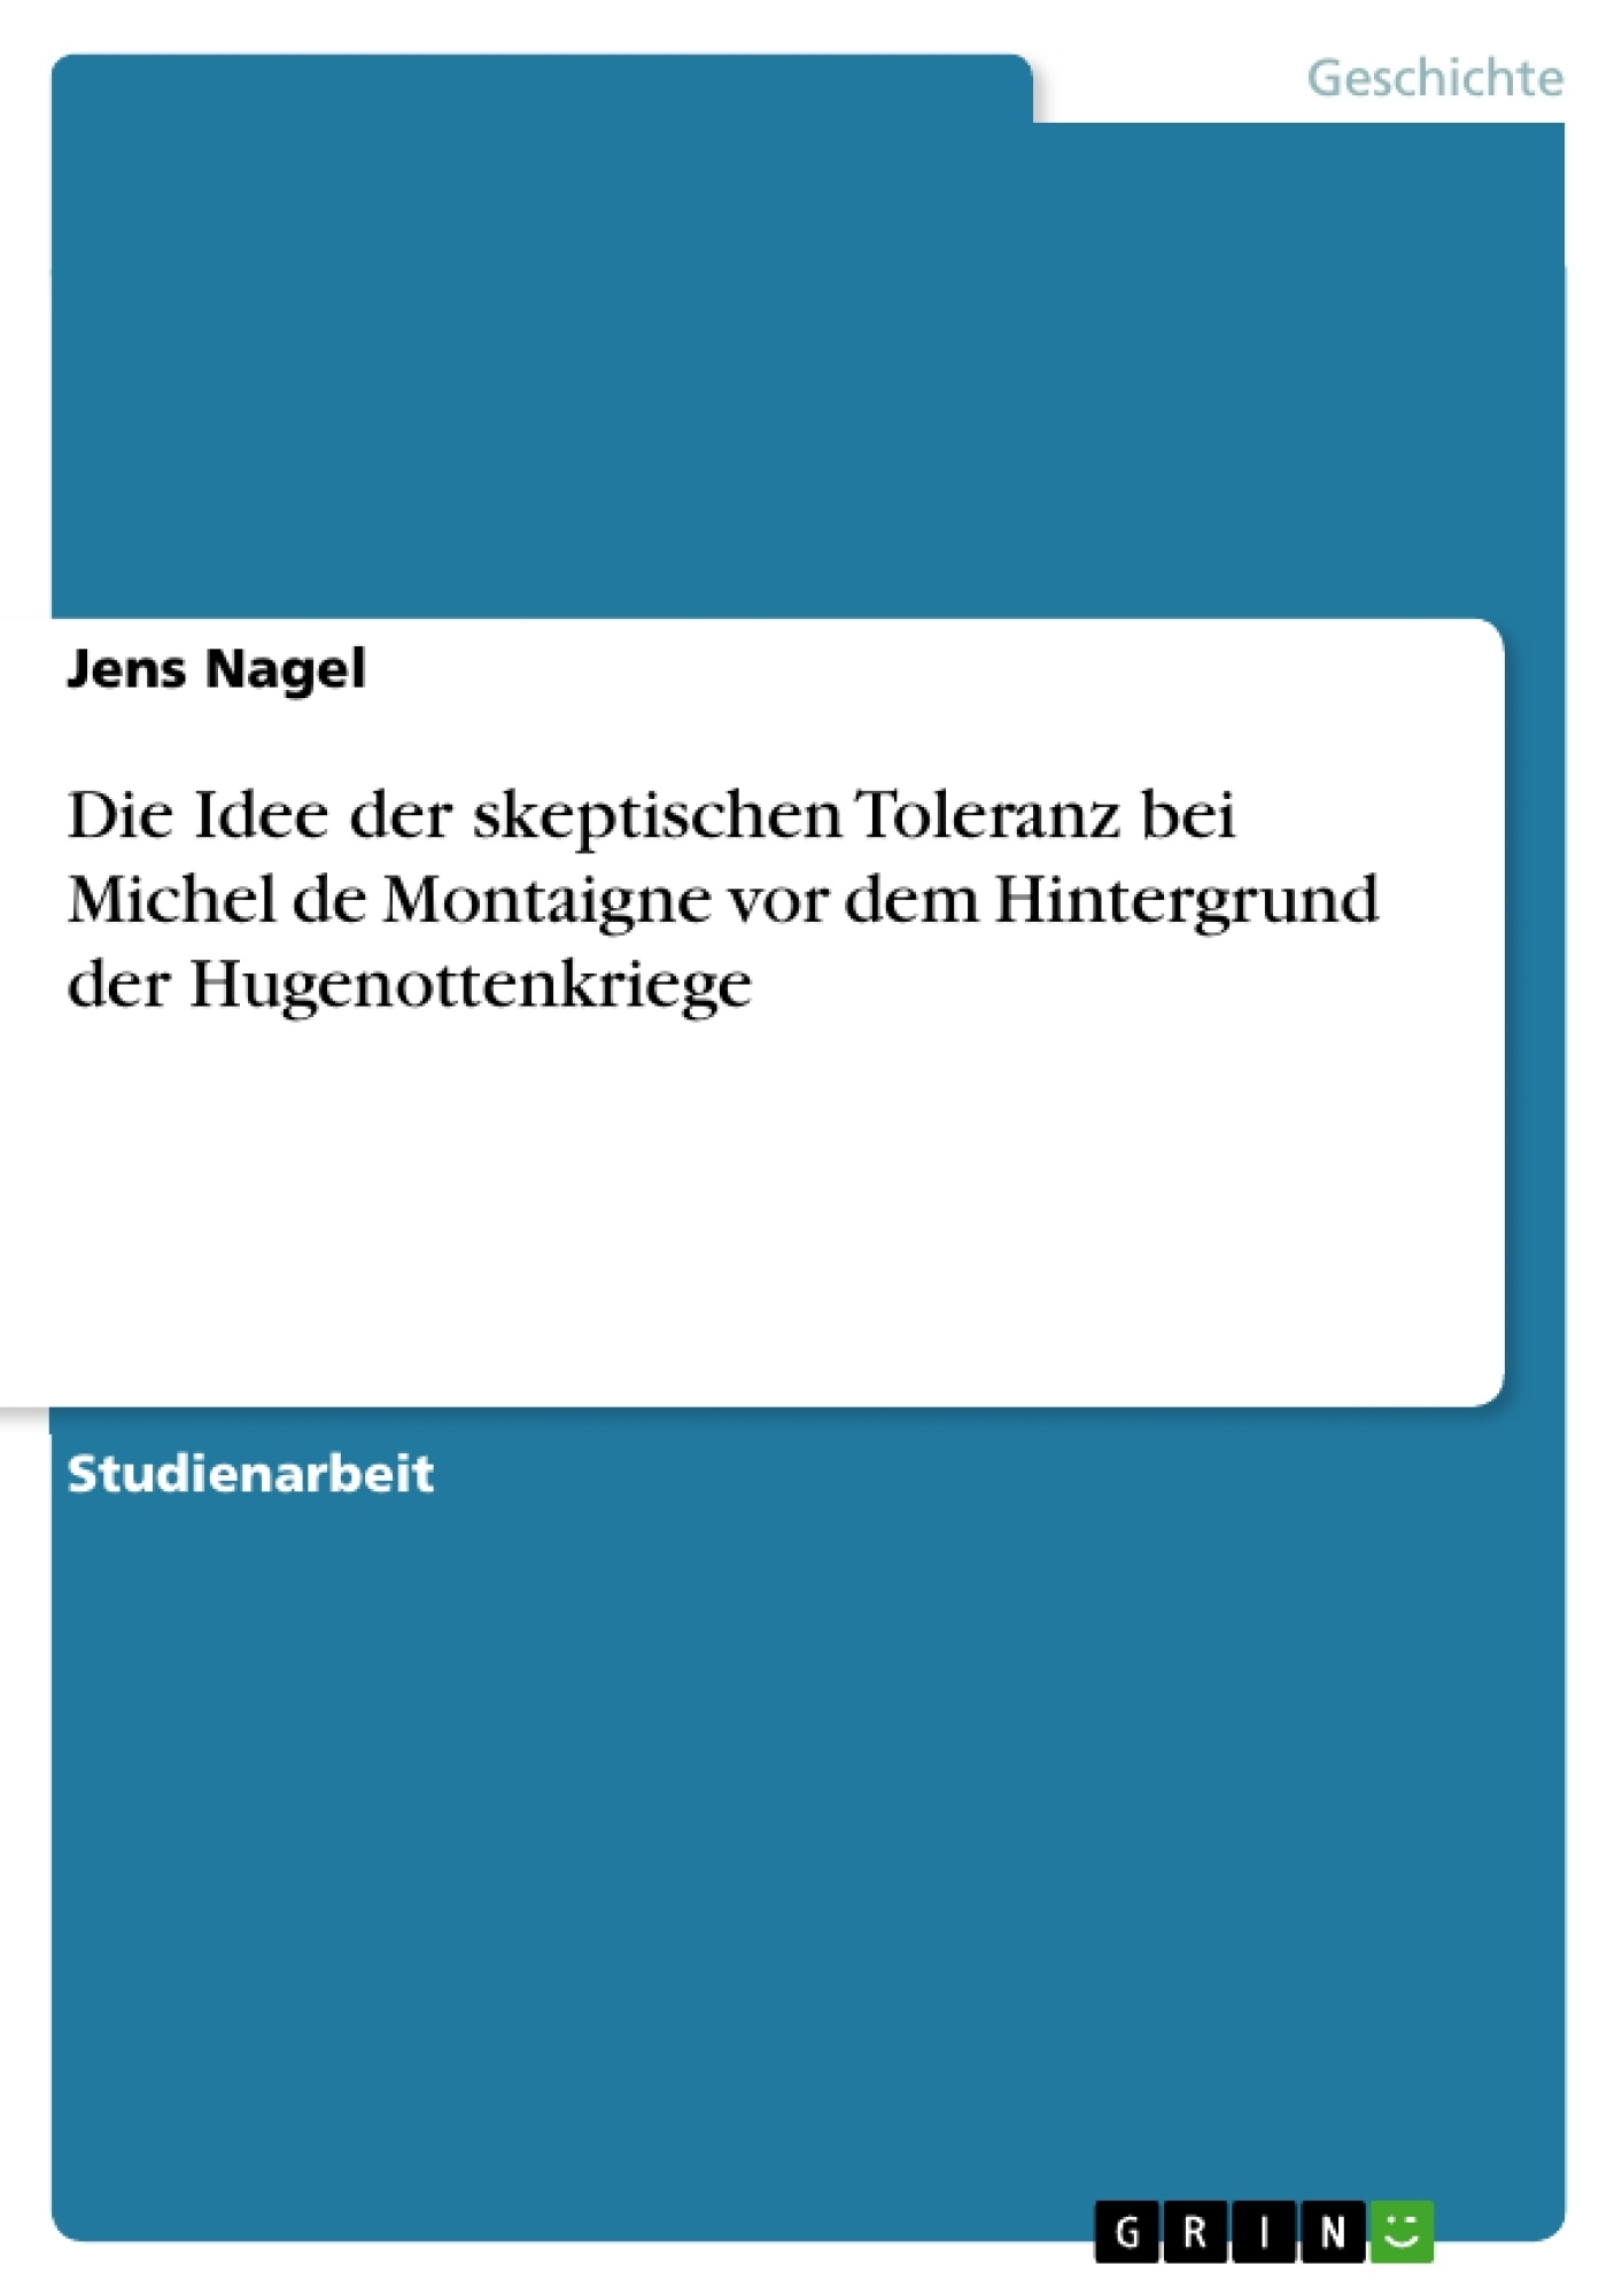 Titel: Die Idee der skeptischen Toleranz bei Michel de Montaigne vor dem Hintergrund der Hugenottenkriege